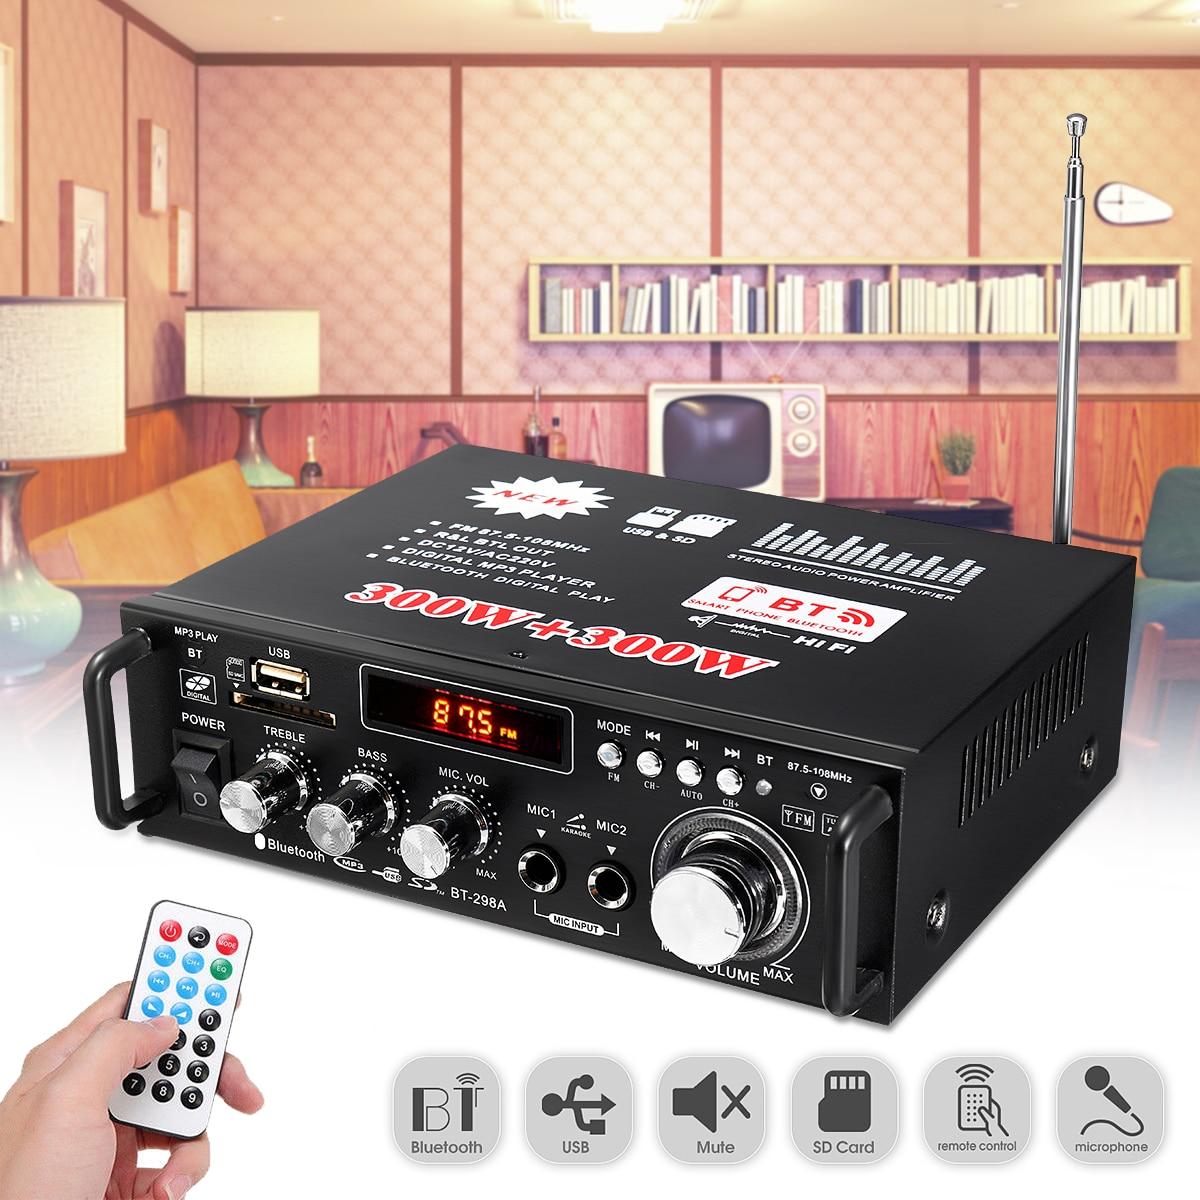 600 W 2 canales de Audio de alta fidelidad, amplificador Bluetooth Estéreo auriculares Bluetooth amplificadores de potencia de 12 V/220 V coche teatro amplificadores reproductor de música